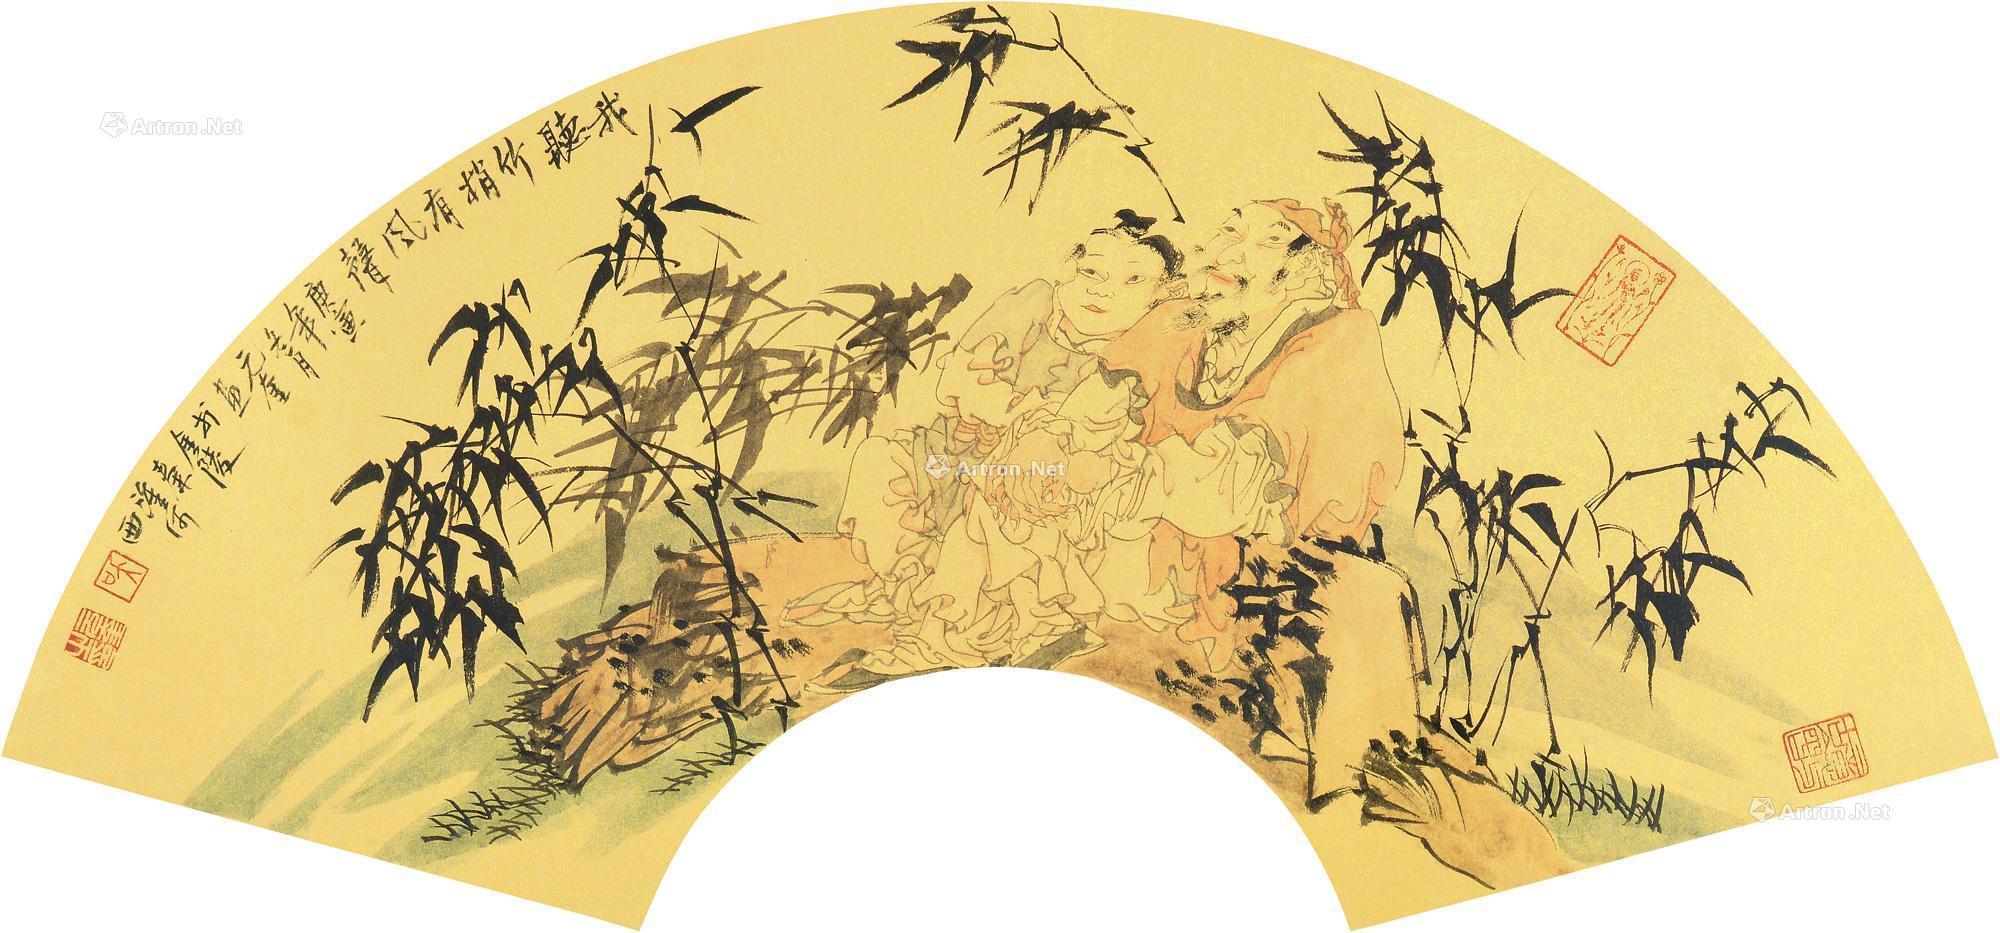 0306 我听竹梢有风声 扇面镜框 纸本